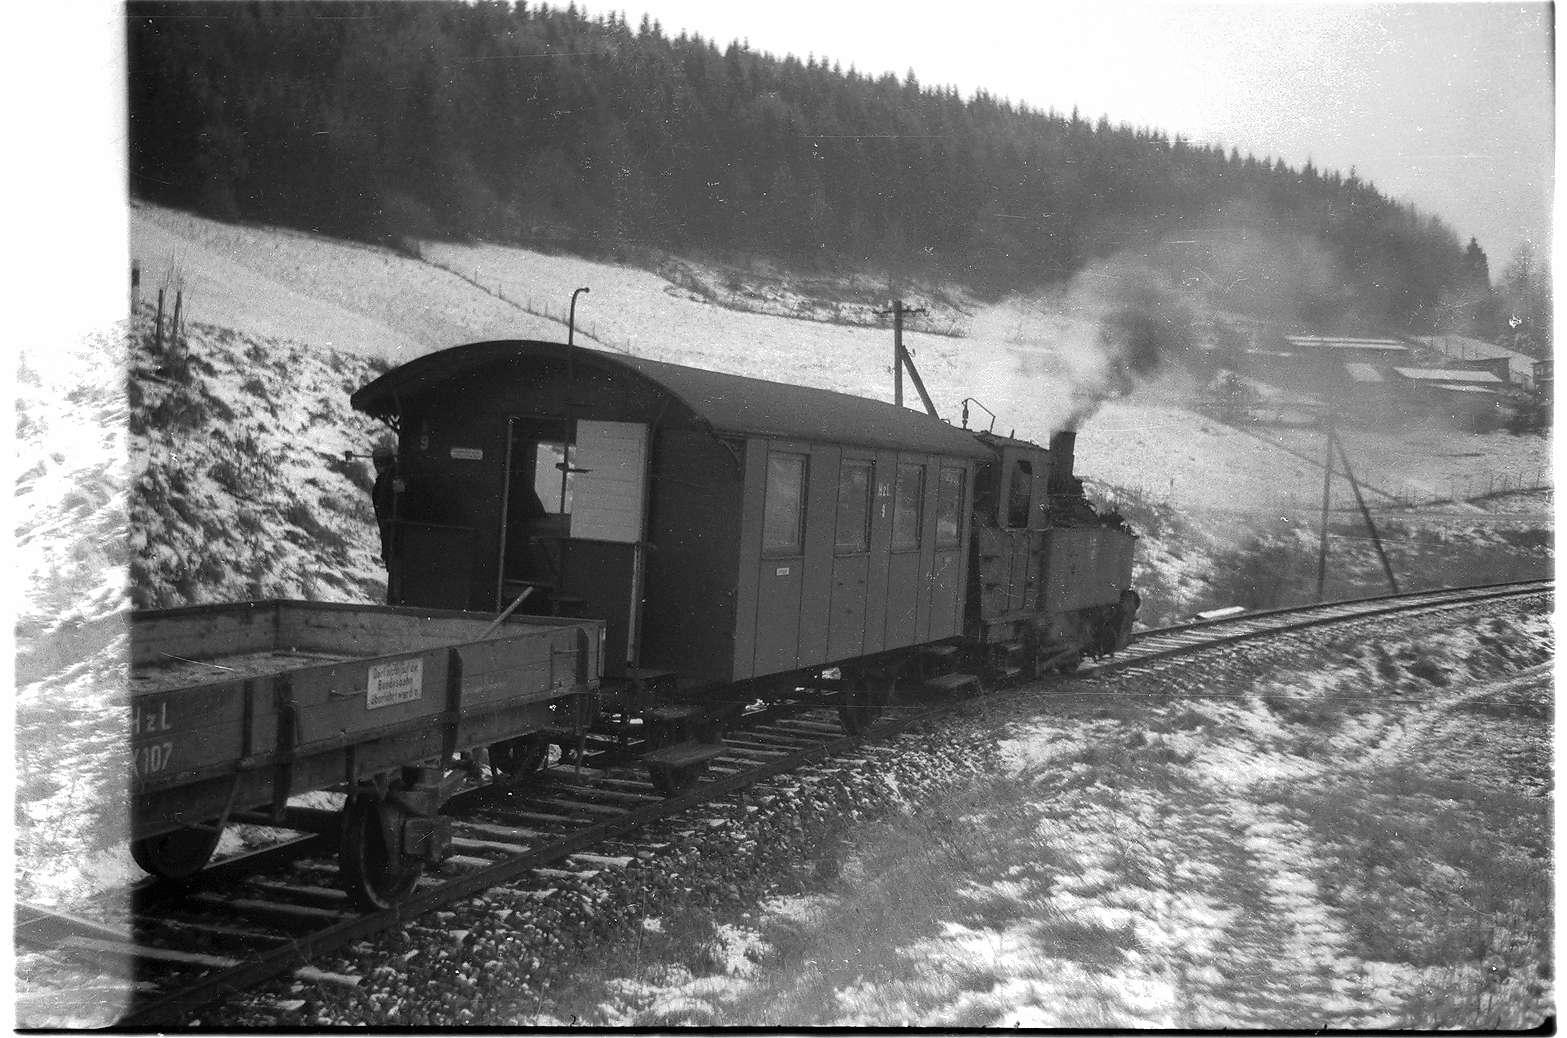 Strecke Trochtelfingen - Mägerkingen, Lok 12, die Niederbordwagen mit Holzaufbau (X-Wagen) wurden ab 1975 durch stärkere K-Wagen ersetzt, Bild 1